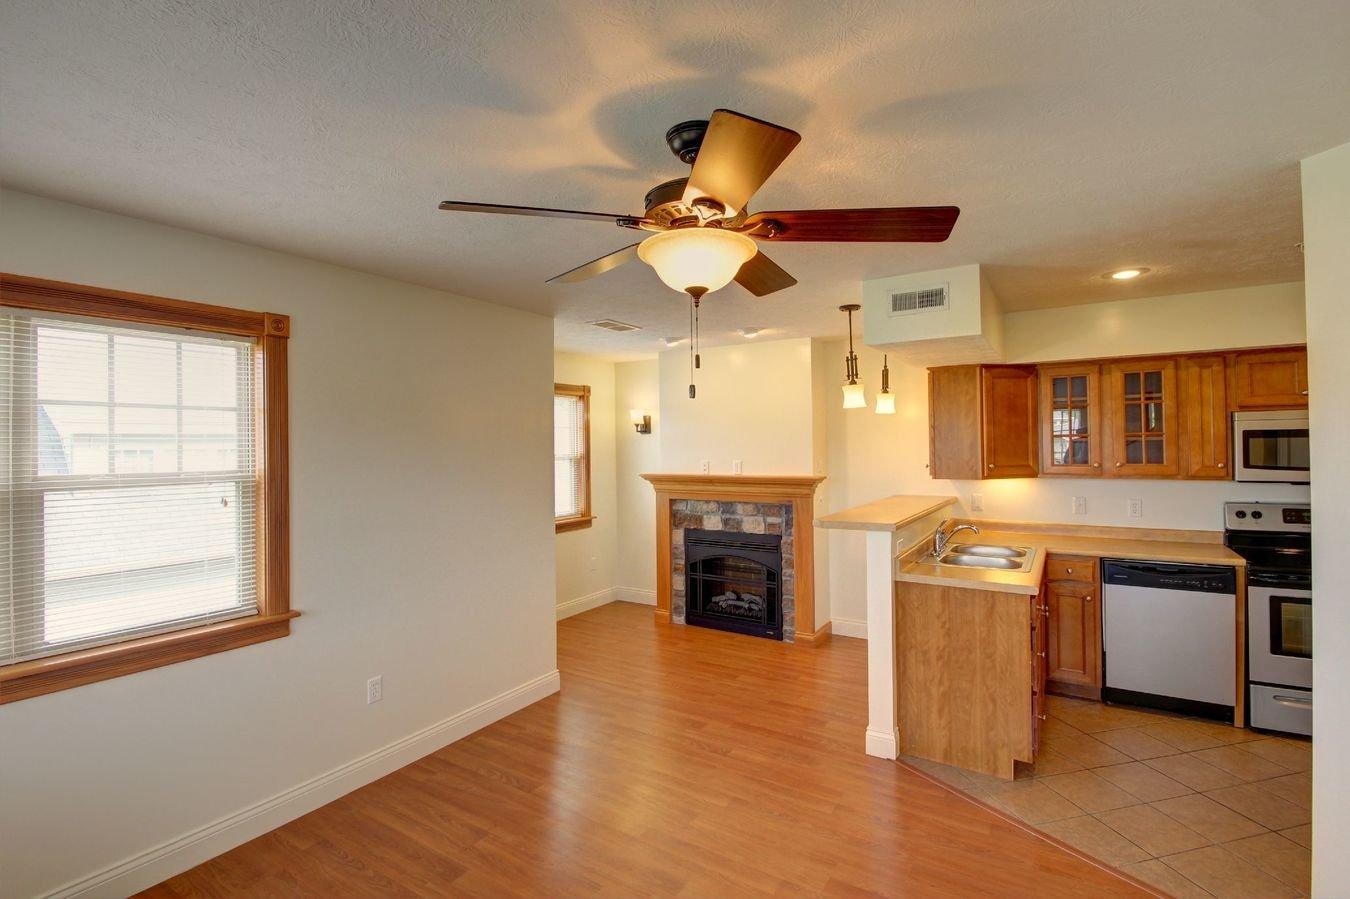 1 Bedroom 1 Bathroom Apartment for rent at Meadowcreek Neighborhood in Bloomington, IN